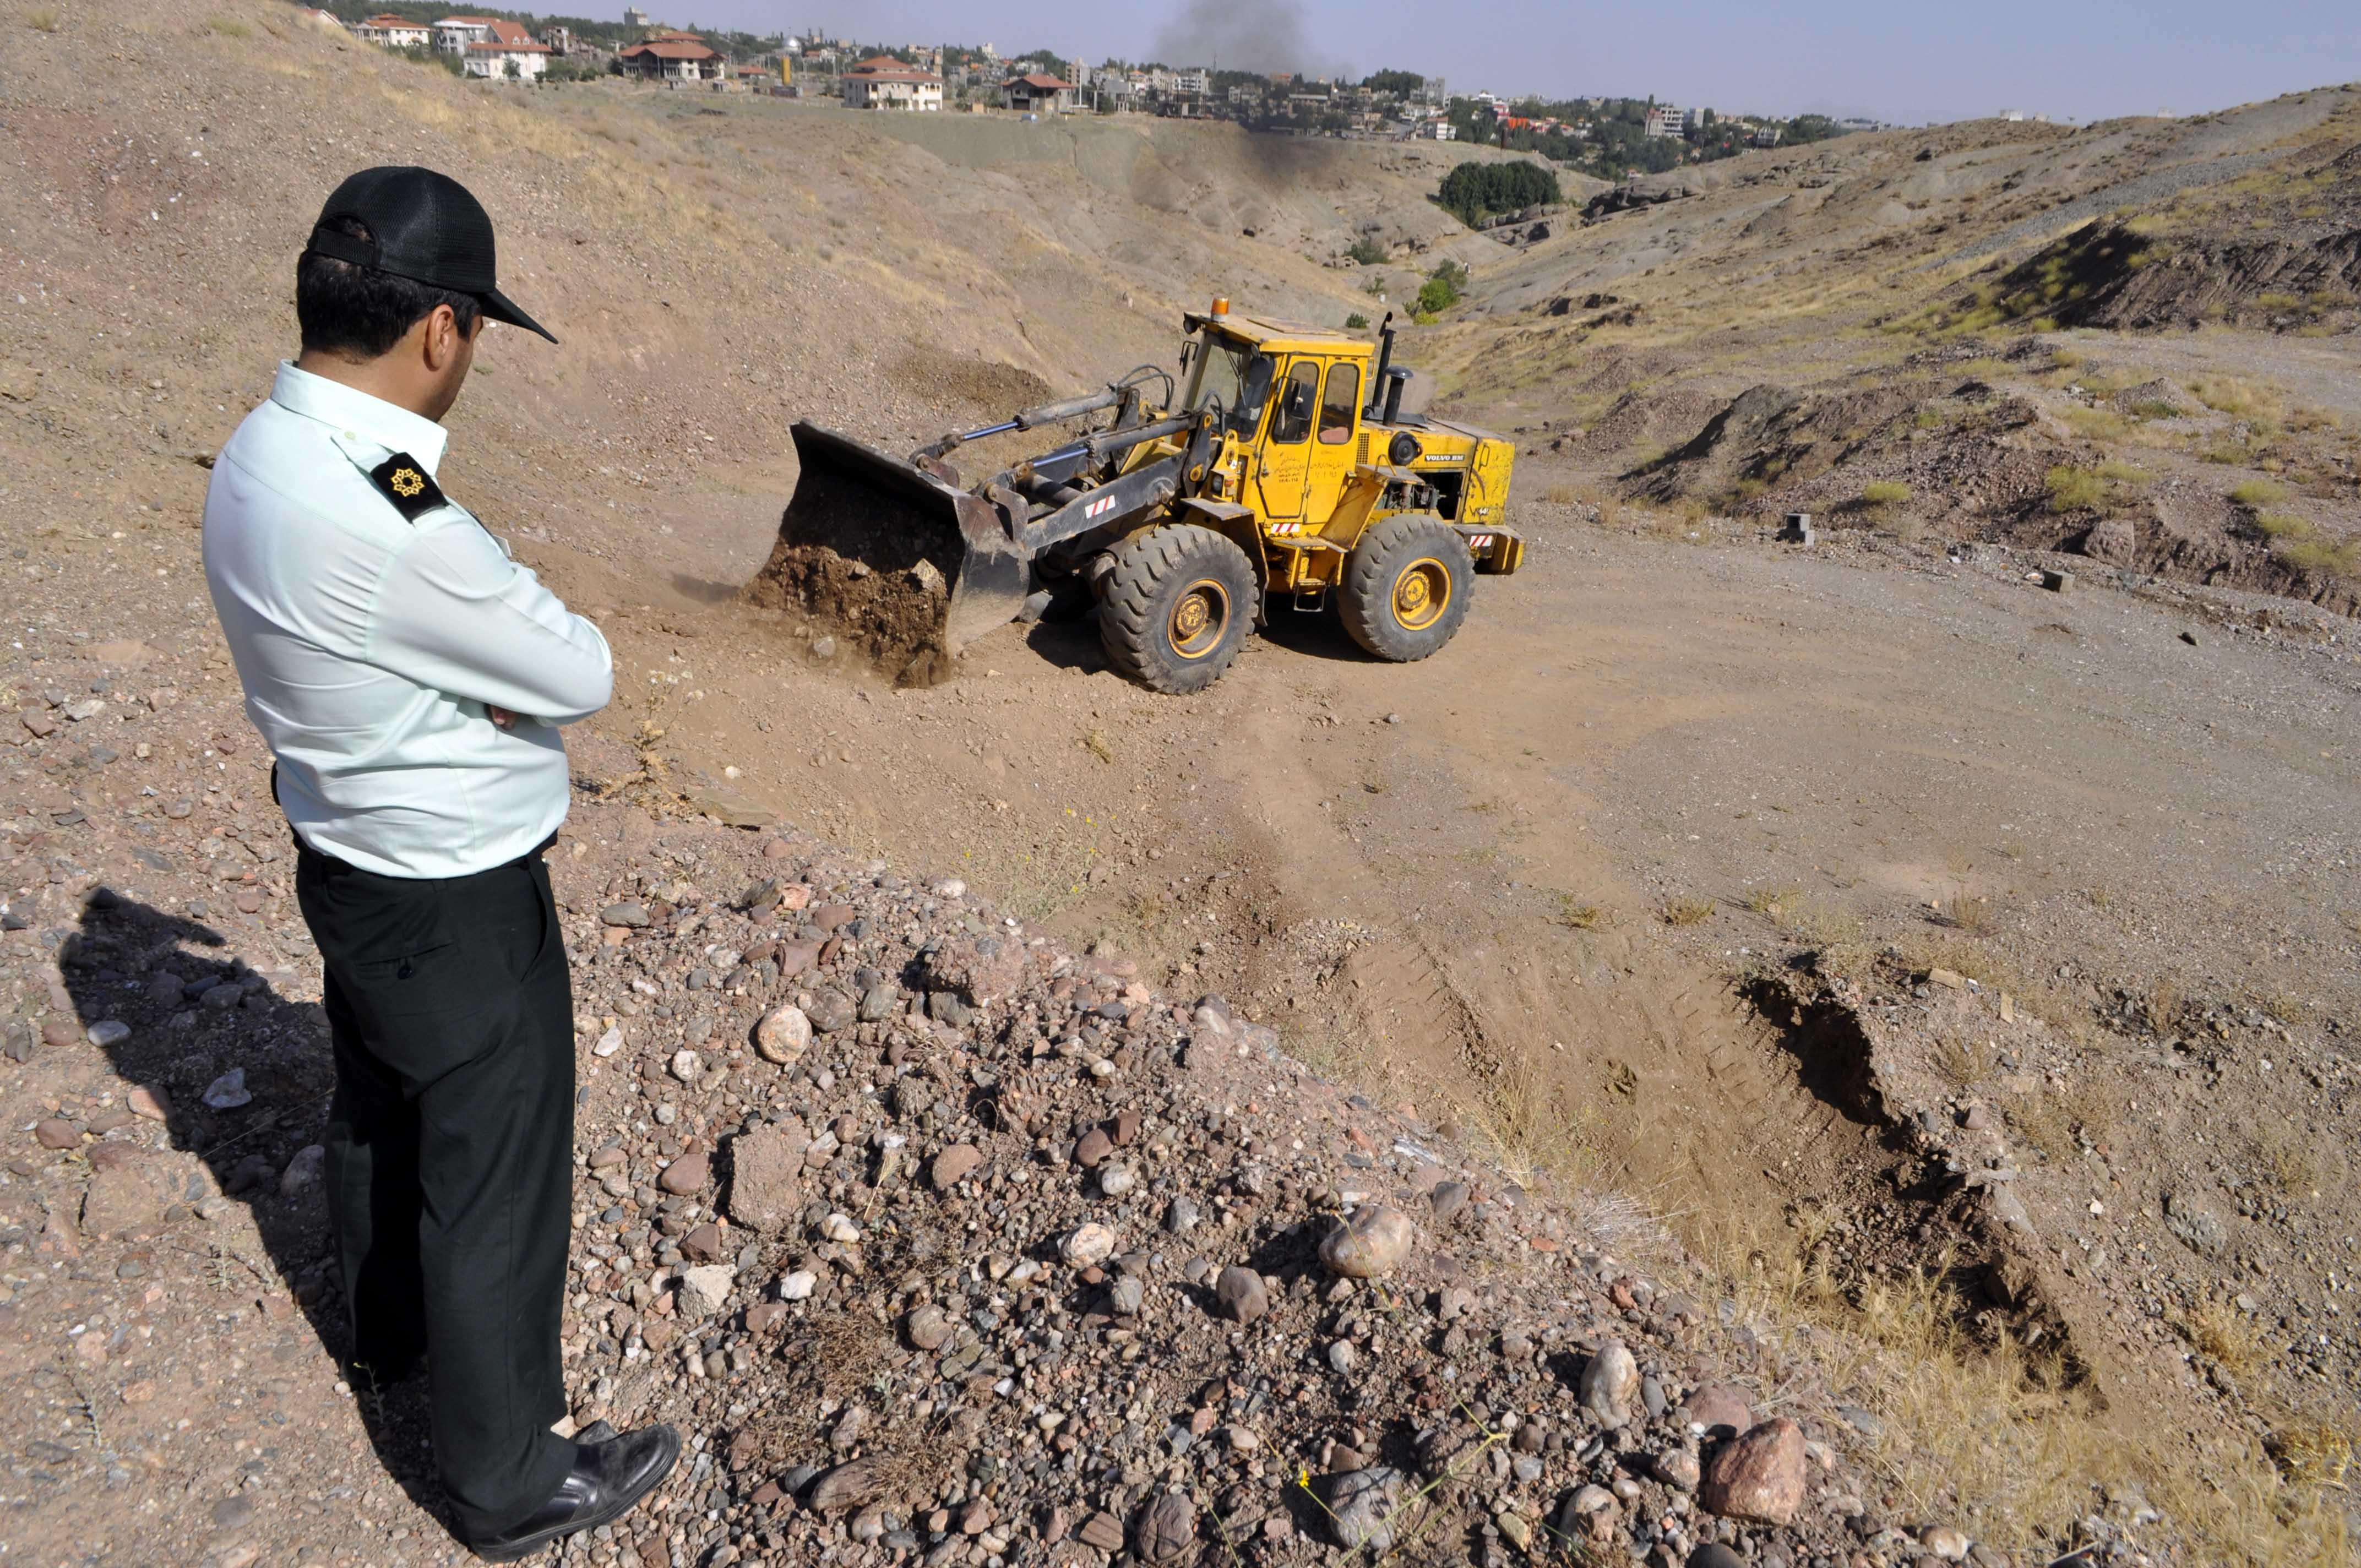 رفع تصرف ۷۸ هزار مترمربع از اراضی ملی در شهرستان طرقبه شاندیز